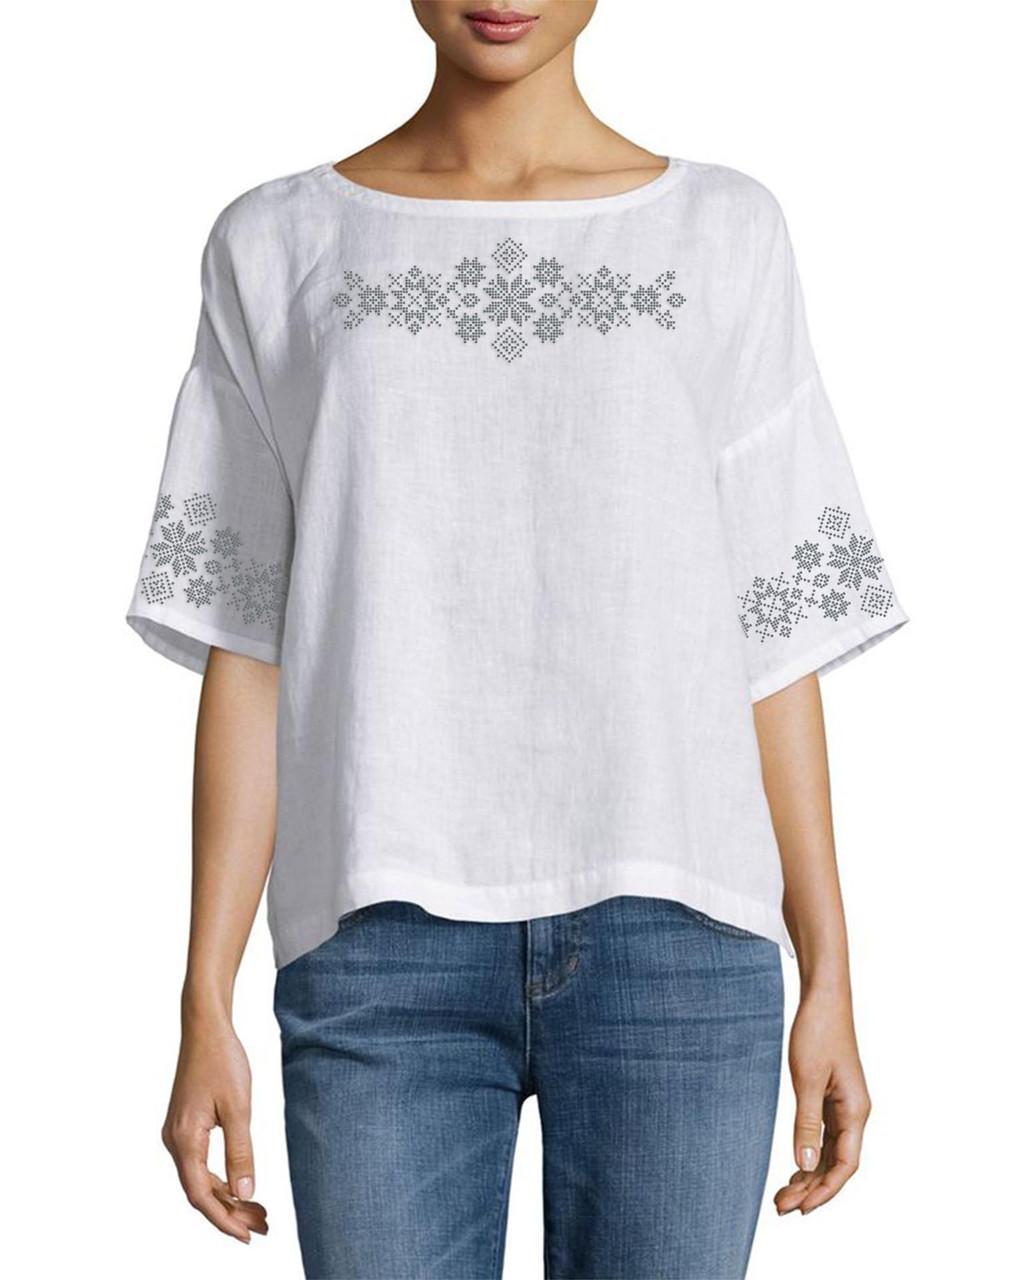 Заготовка вишиванки жіночої сорочки та блузи для вишивки бісером Бисерок «Візерунки» (Б-149 )